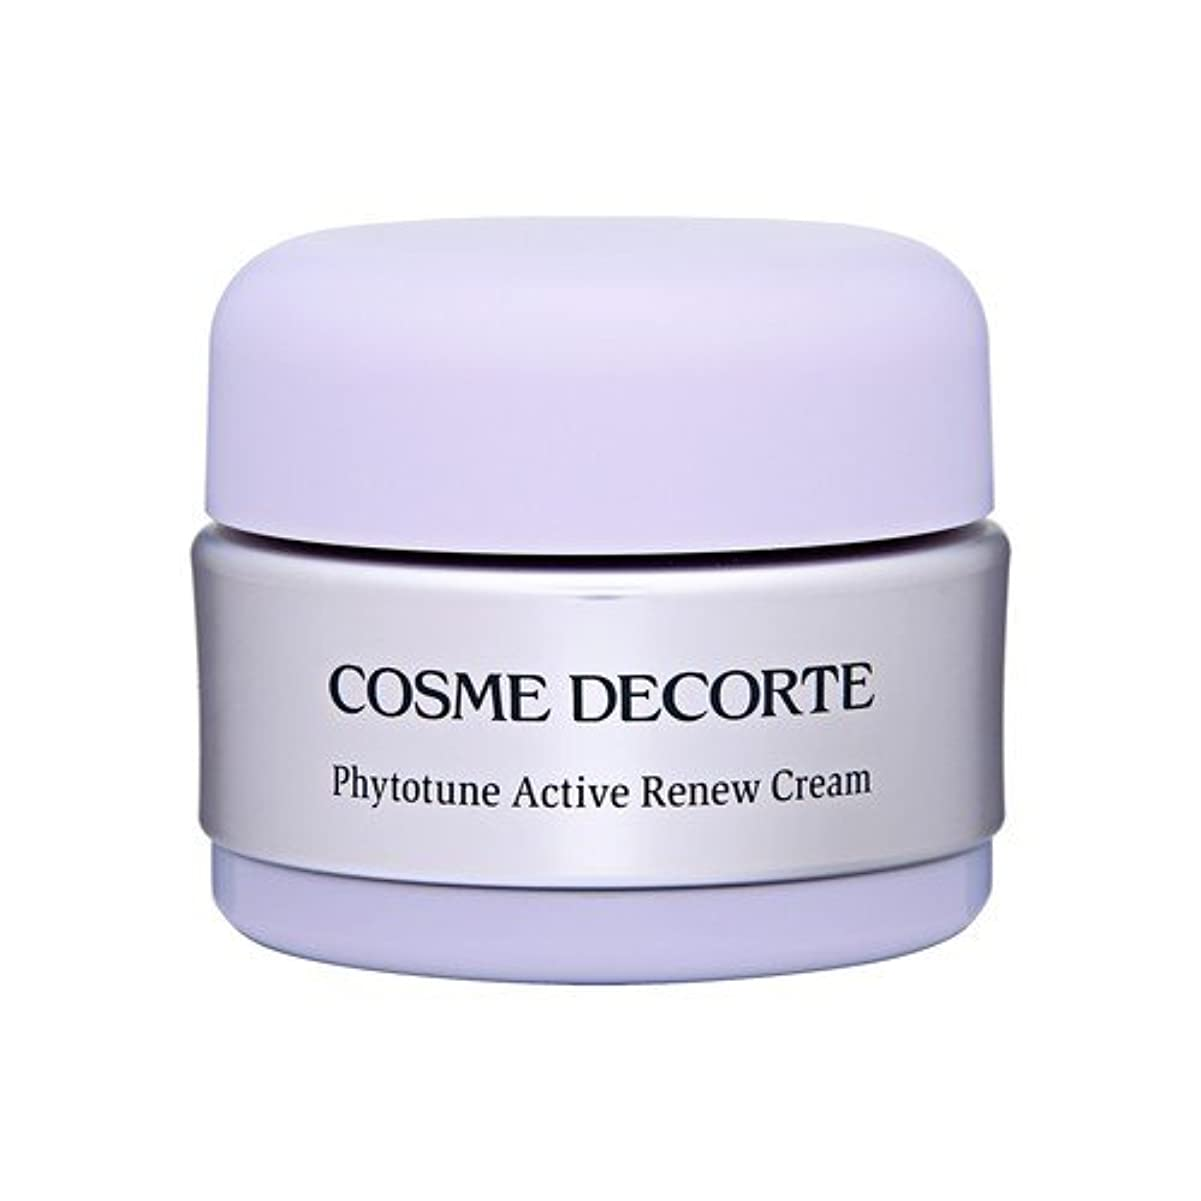 香水討論固めるコスメ デコルテ(COSME DECORTE) フィトチューンアクティブリニュークリーム 30g [364491][並行輸入品]